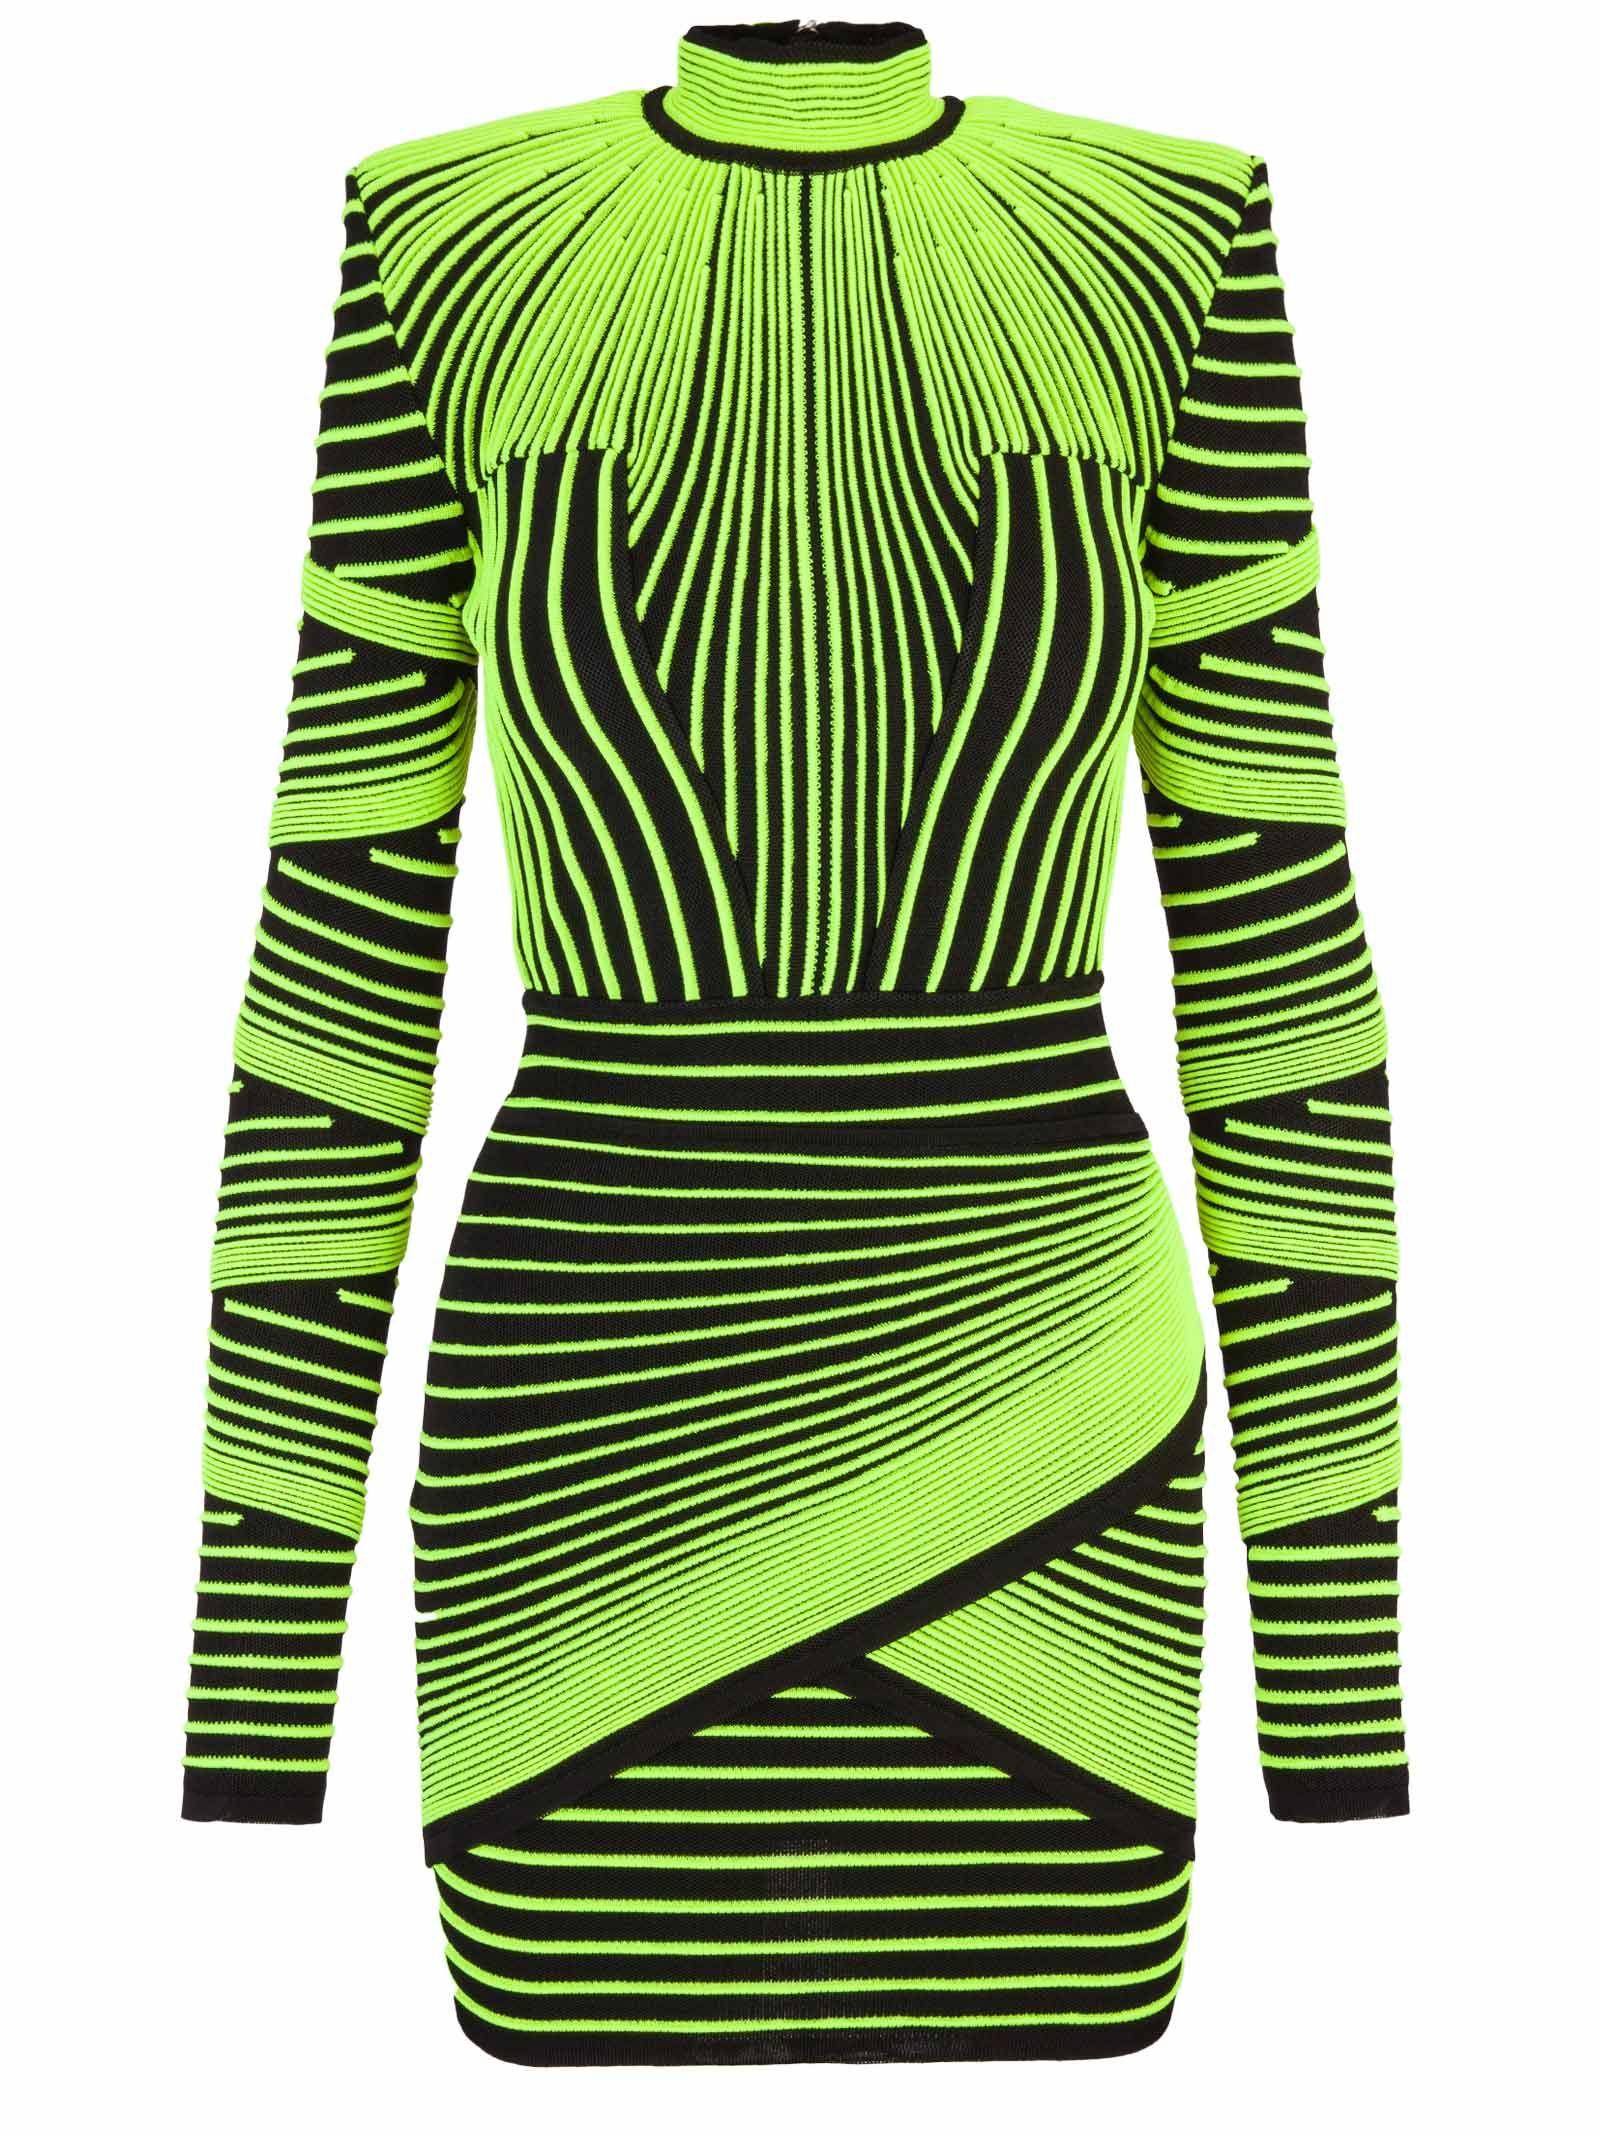 Chiara Ferragni e il vestito Balmain che si illumina al buio alla finale di X Factor 2018